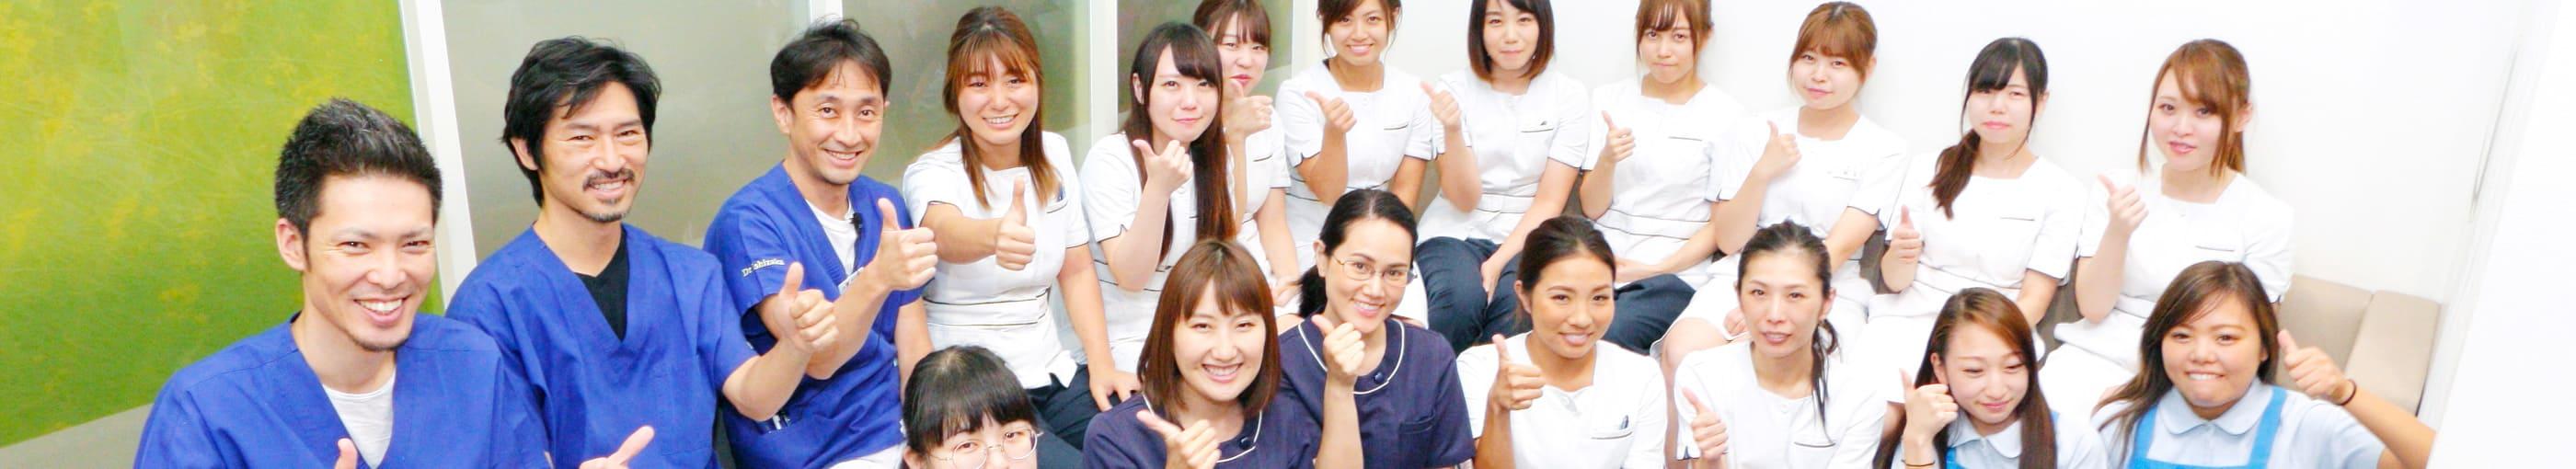 医療法人天白会 キャナルコート歯科クリニック ブログ